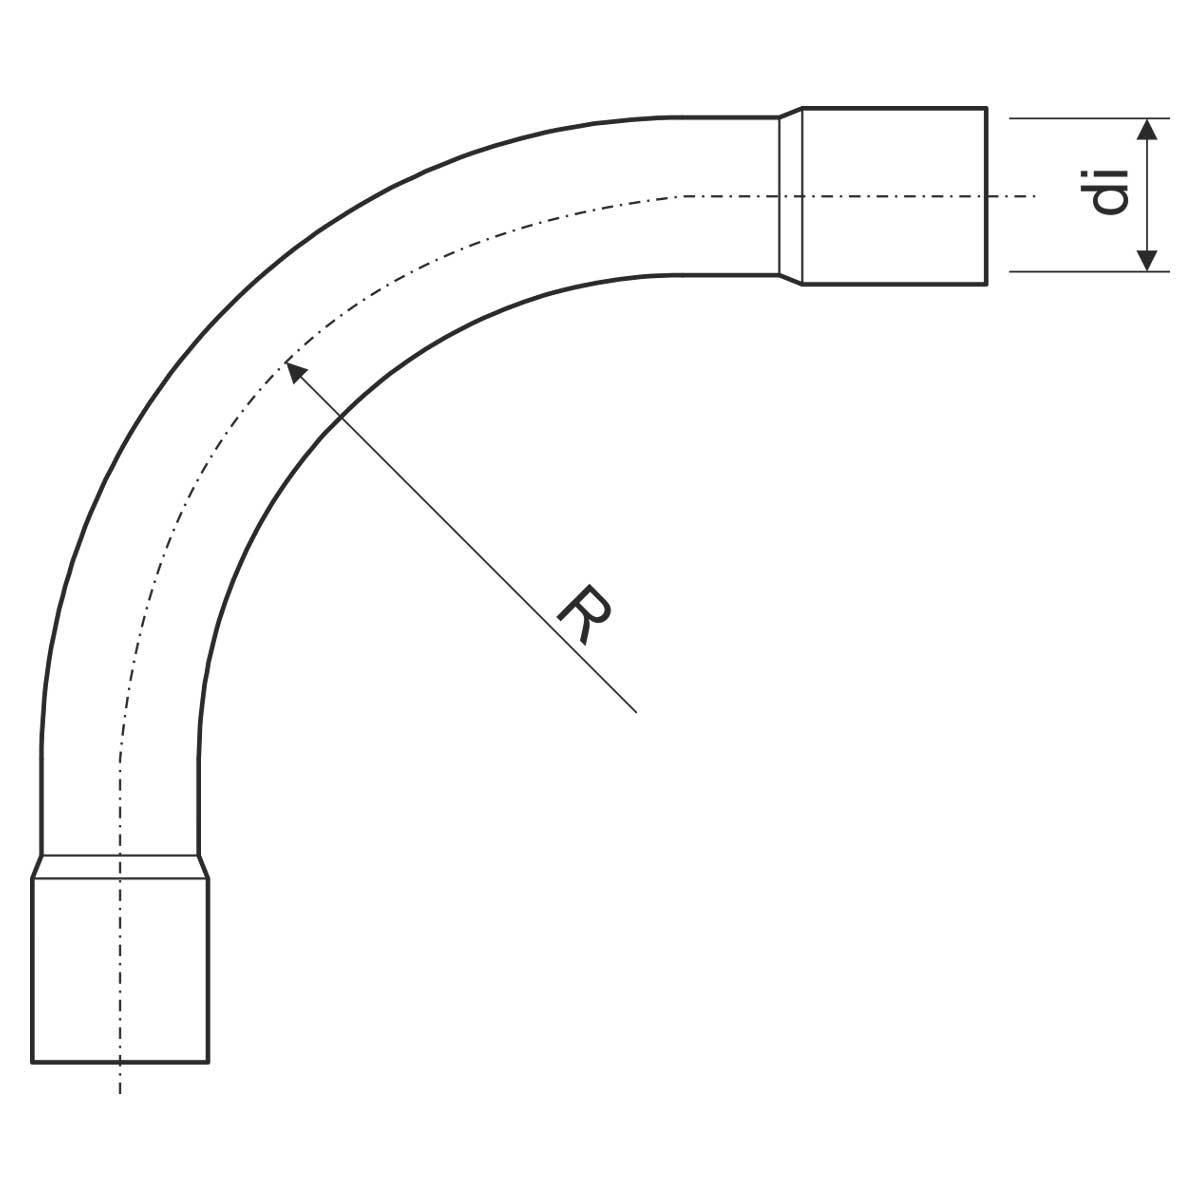 Коліно для труби ZN; сталь оцинкована шар цинку 60-100мкм стійкість корозії- 4 кат.;